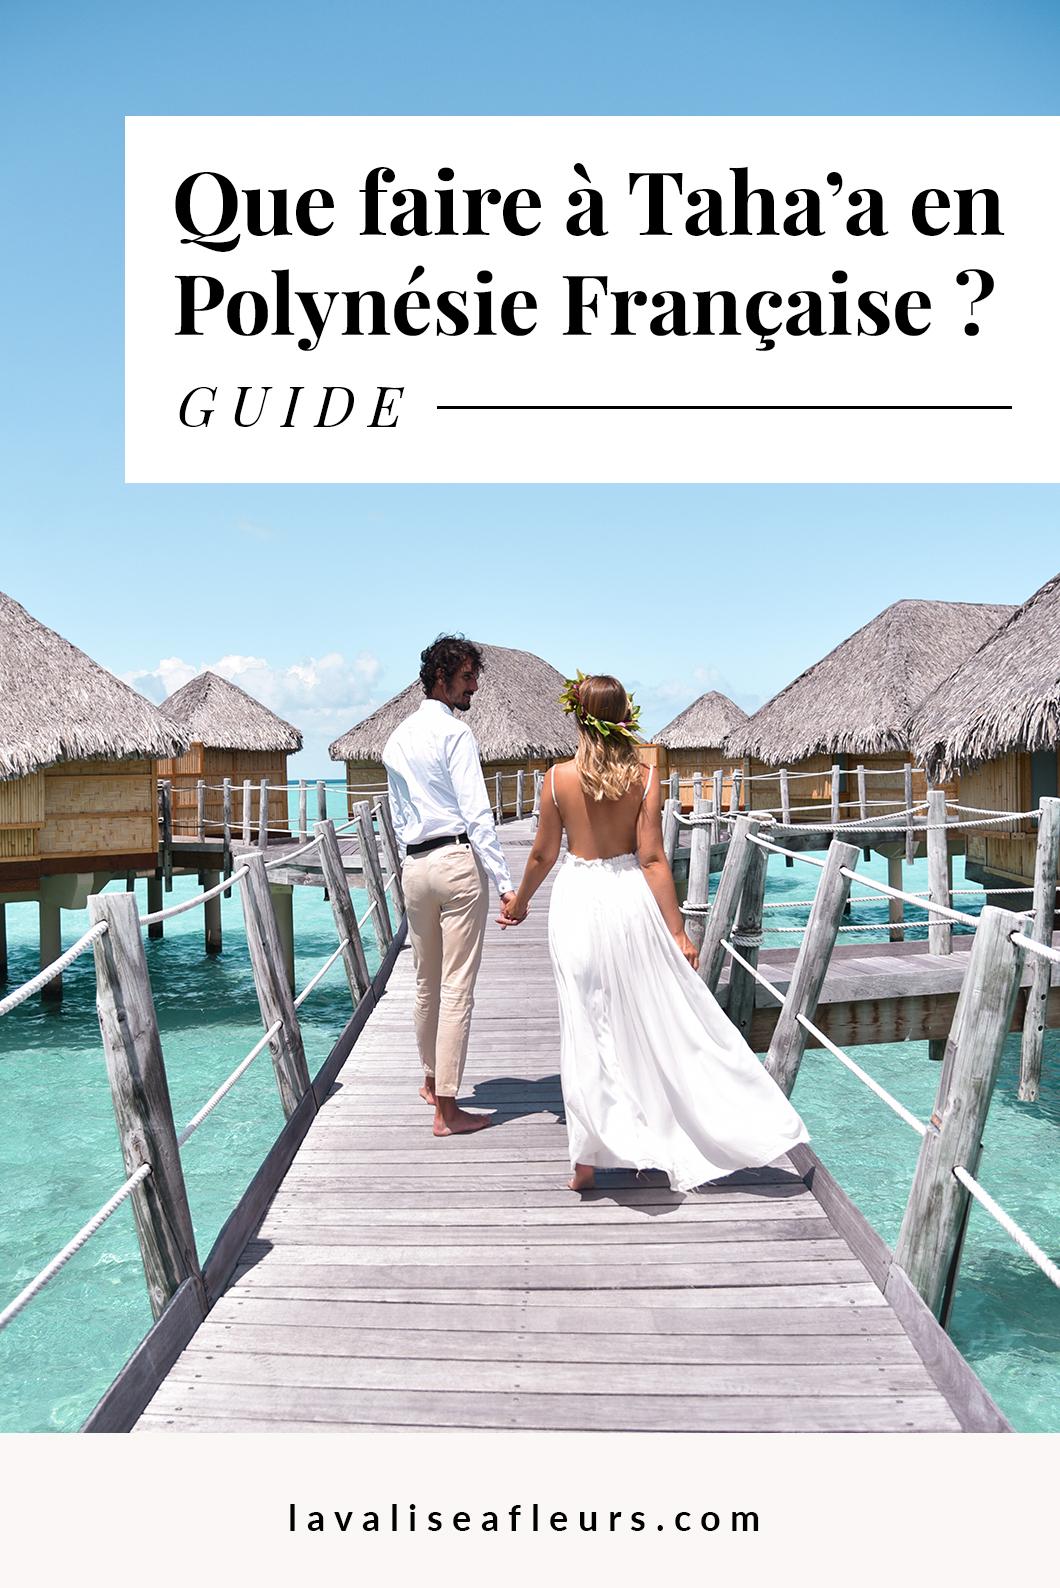 Guide d'un voyage de noce à Taha'a en Polynésie Française